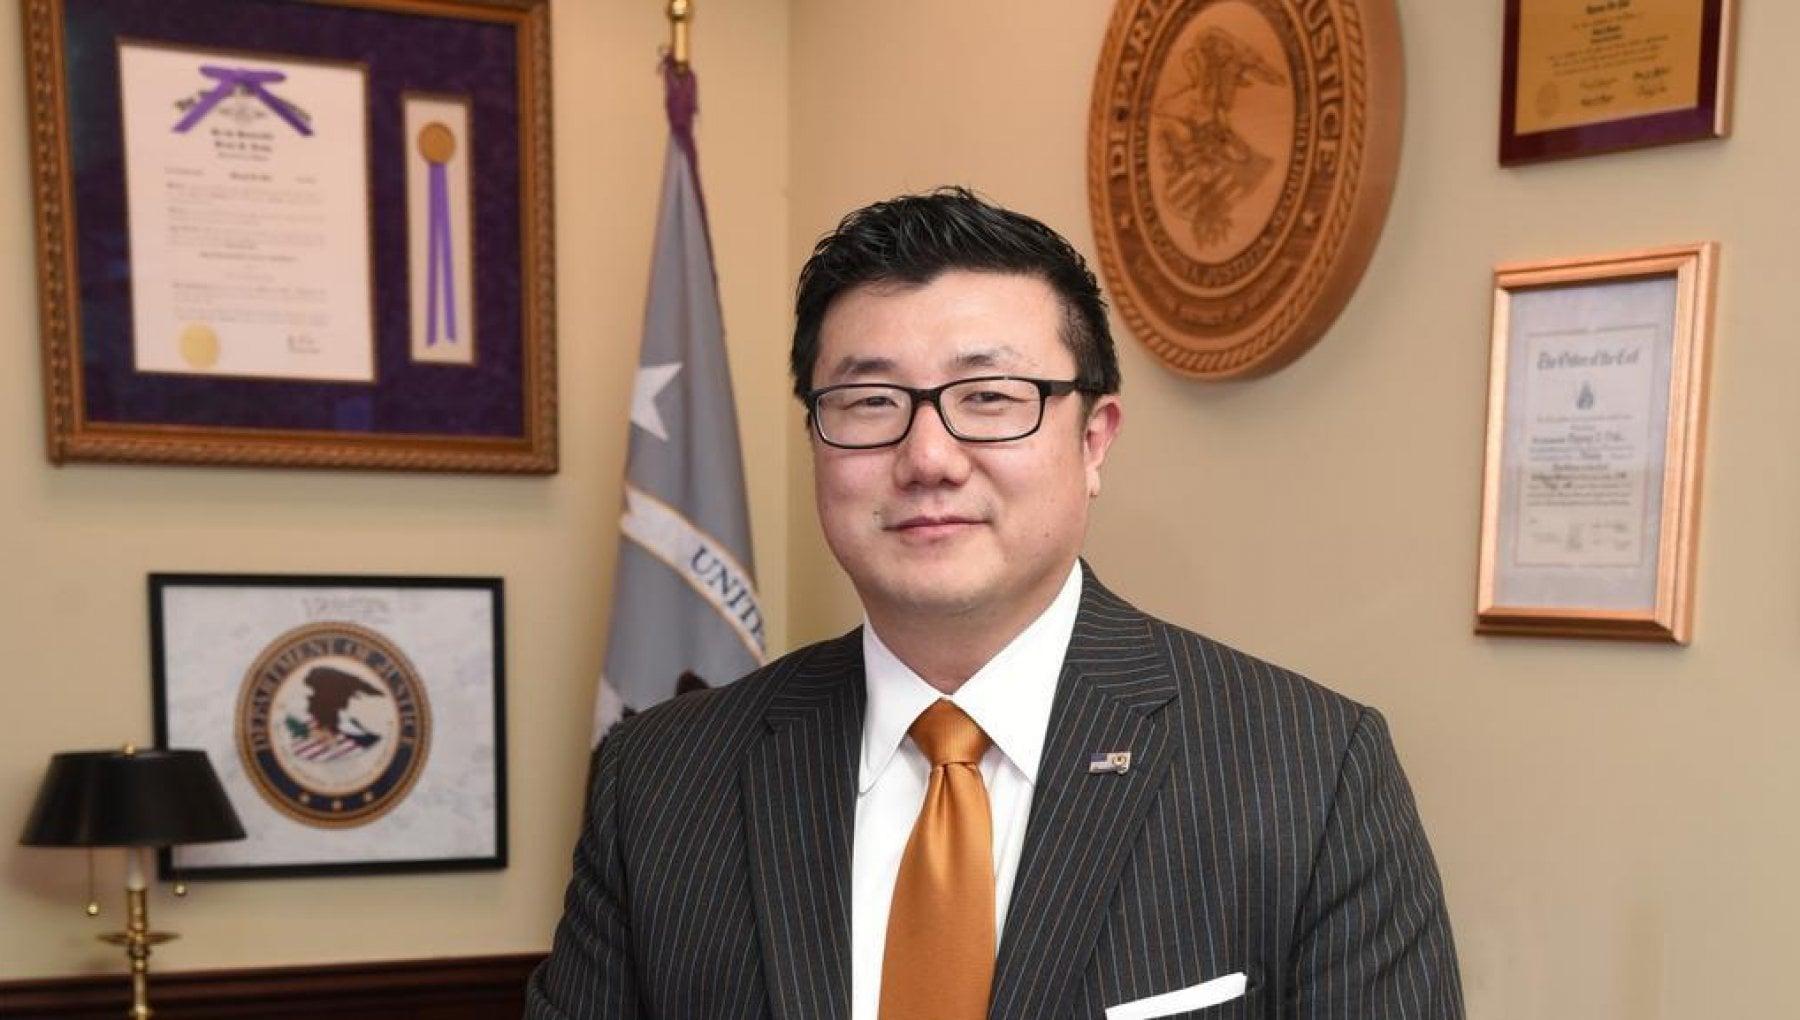 004254511 8d390ff9 ba32 4dc4 9fe2 56b28c62f59a - Usa: si dimette procuratore Georgia Byung J Pak